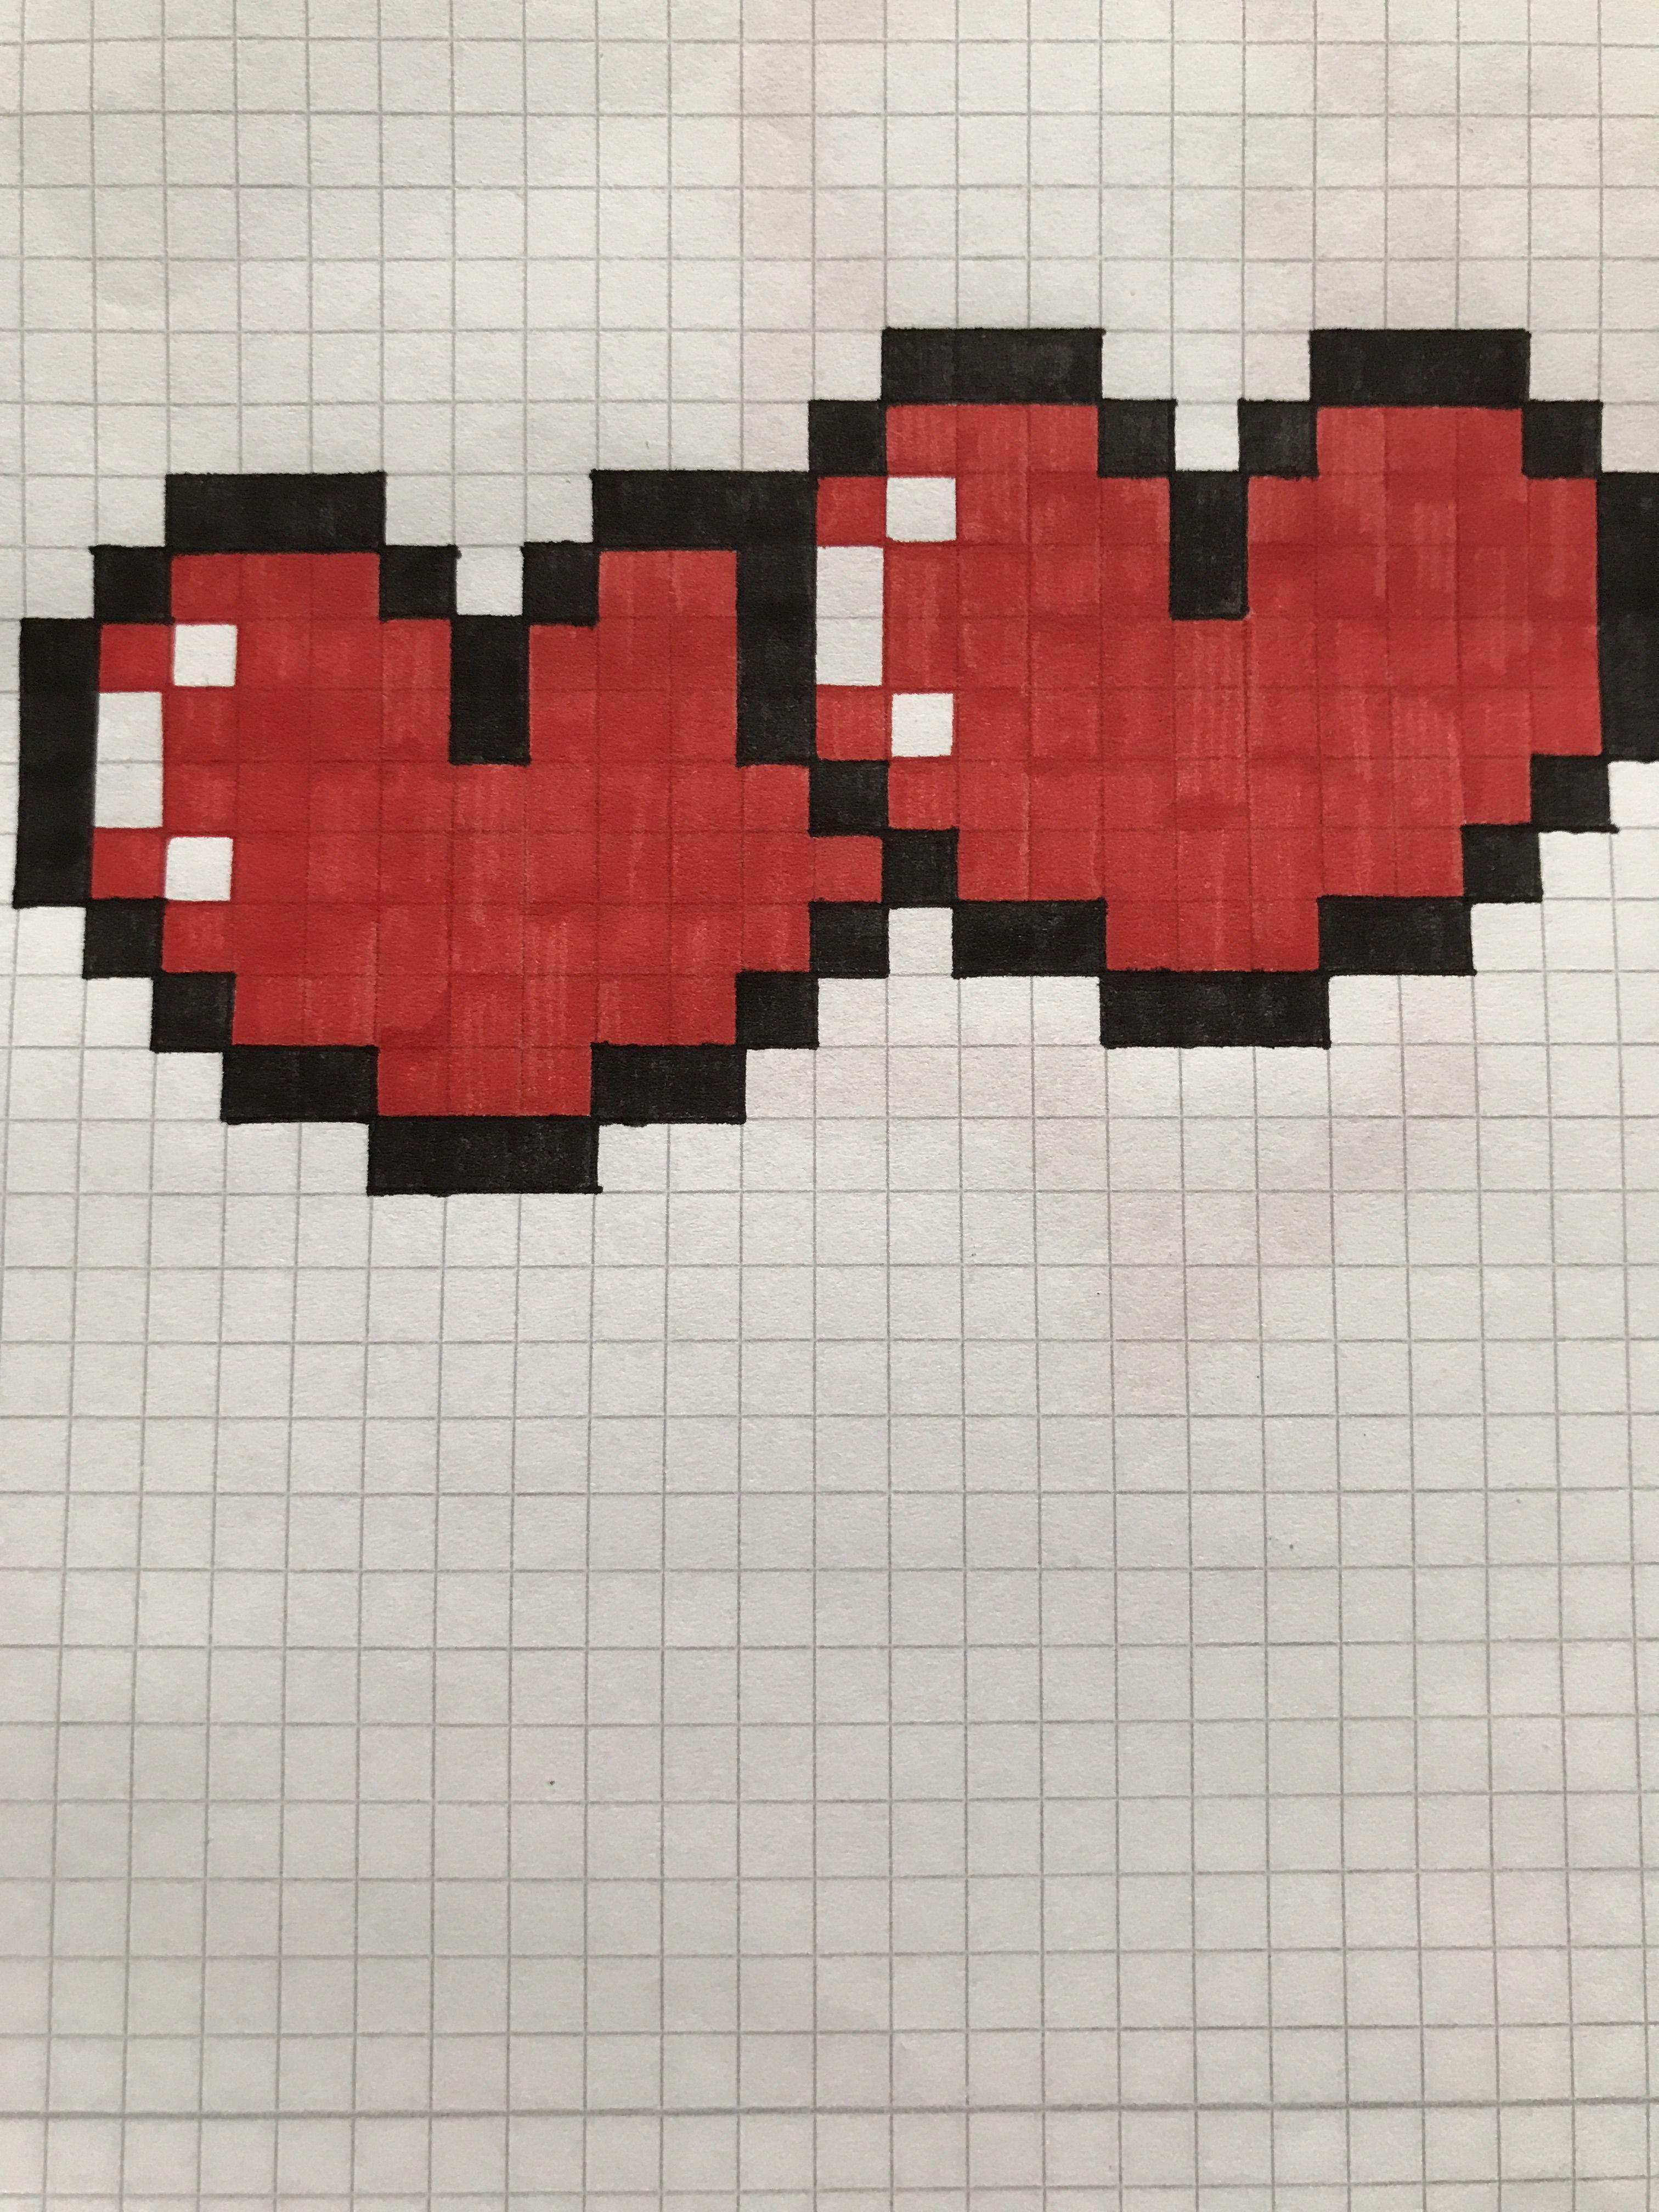 Pin De Estrella Fugaz En Arte Pixel Dibujar Arte Dibujos A Lápiz